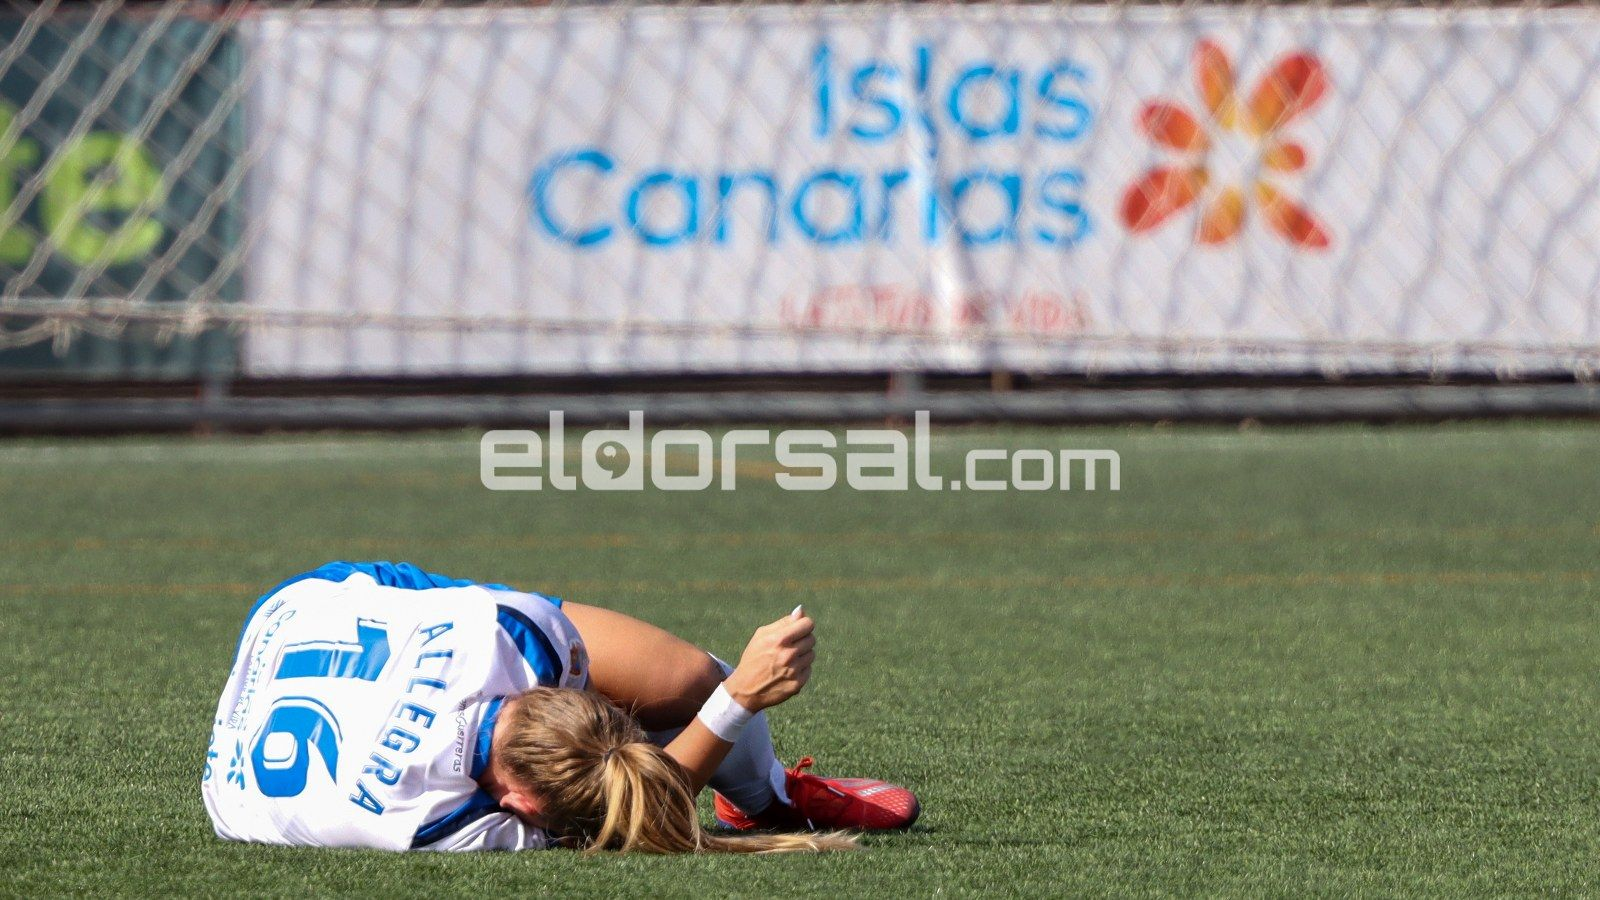 La jugadora de la UDG Tenerife Allegra, dolorida en el suelo / @jacfotografo